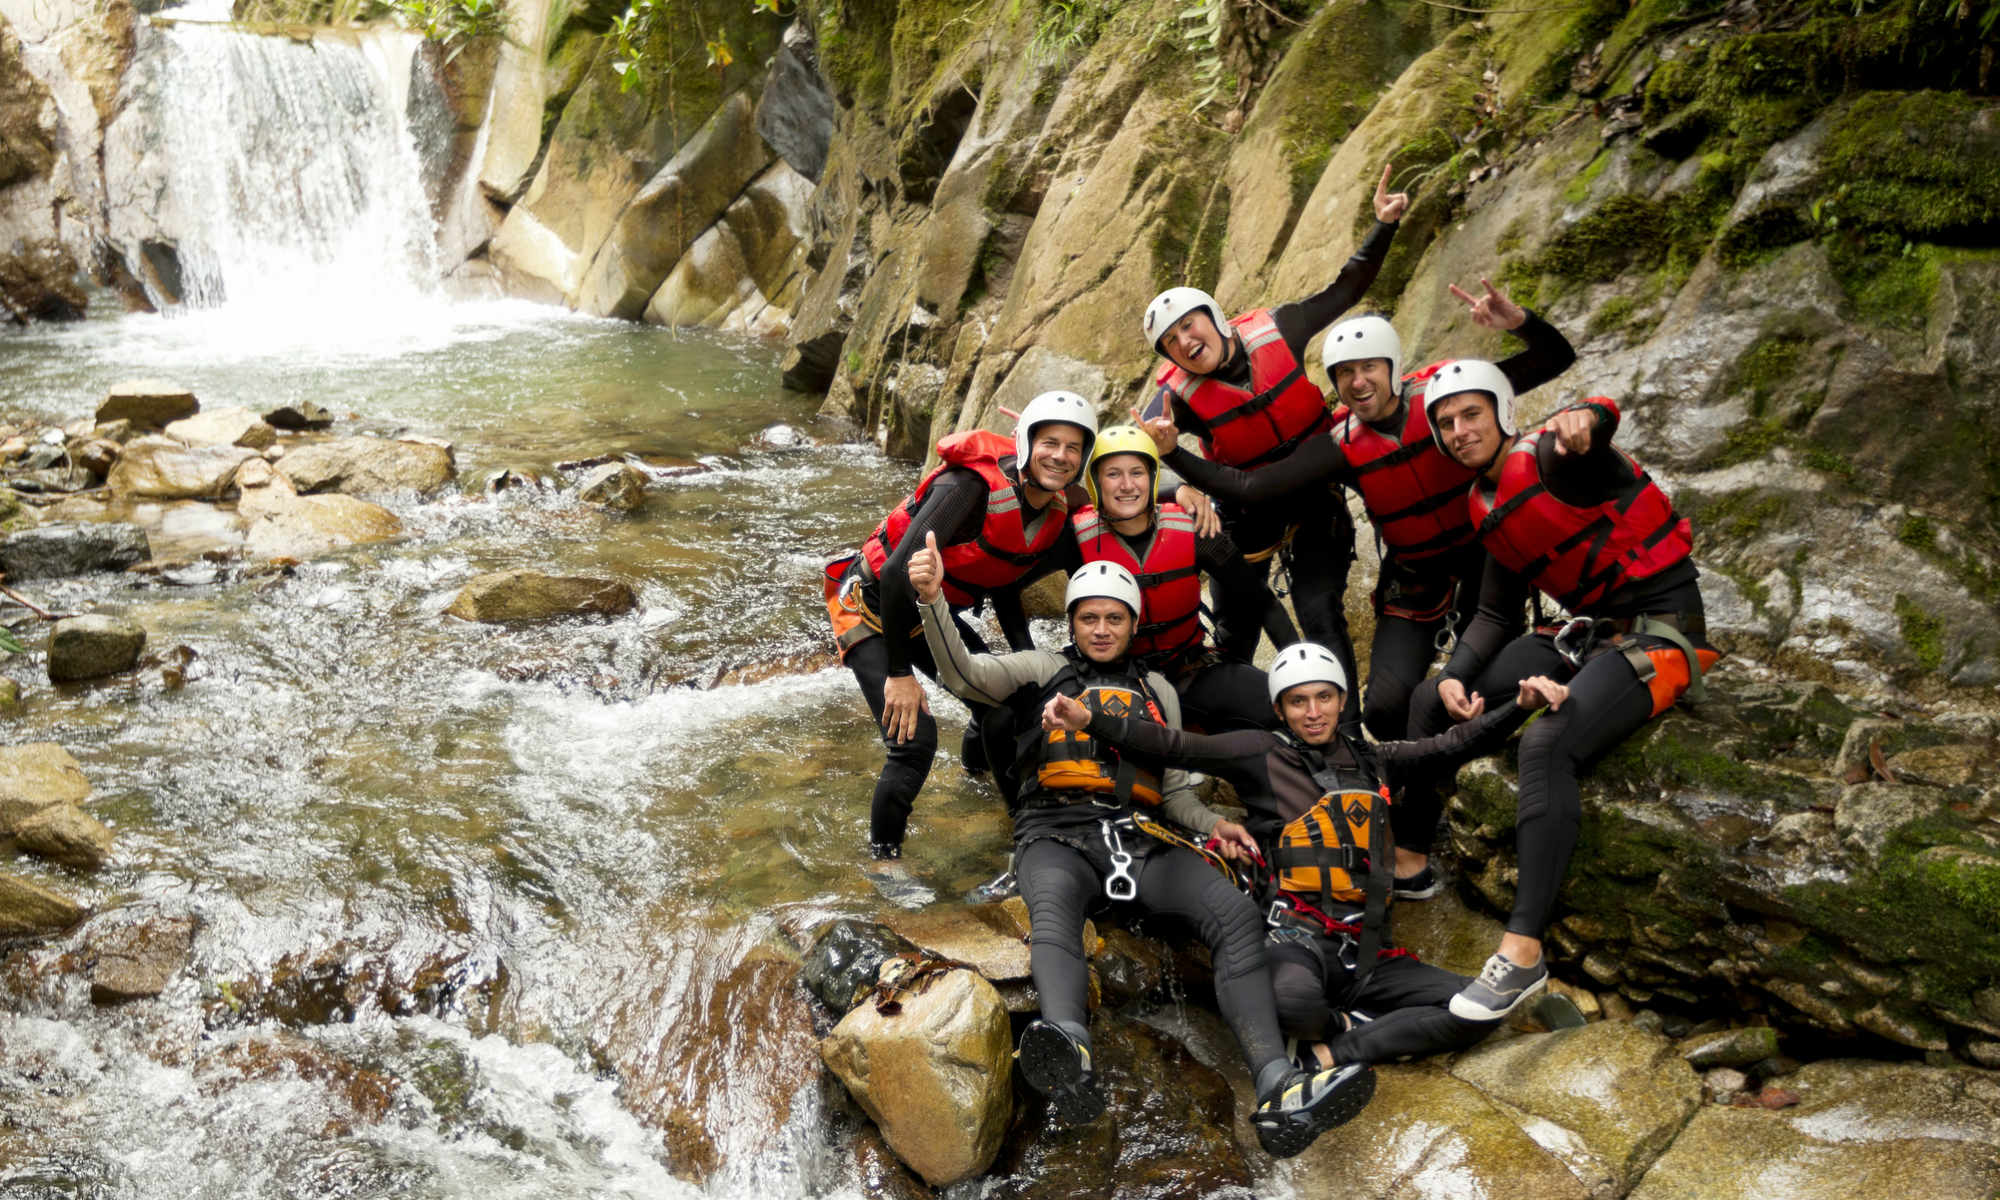 Dans un canyon, un groupe d'amis prend la pose devant une cascade.